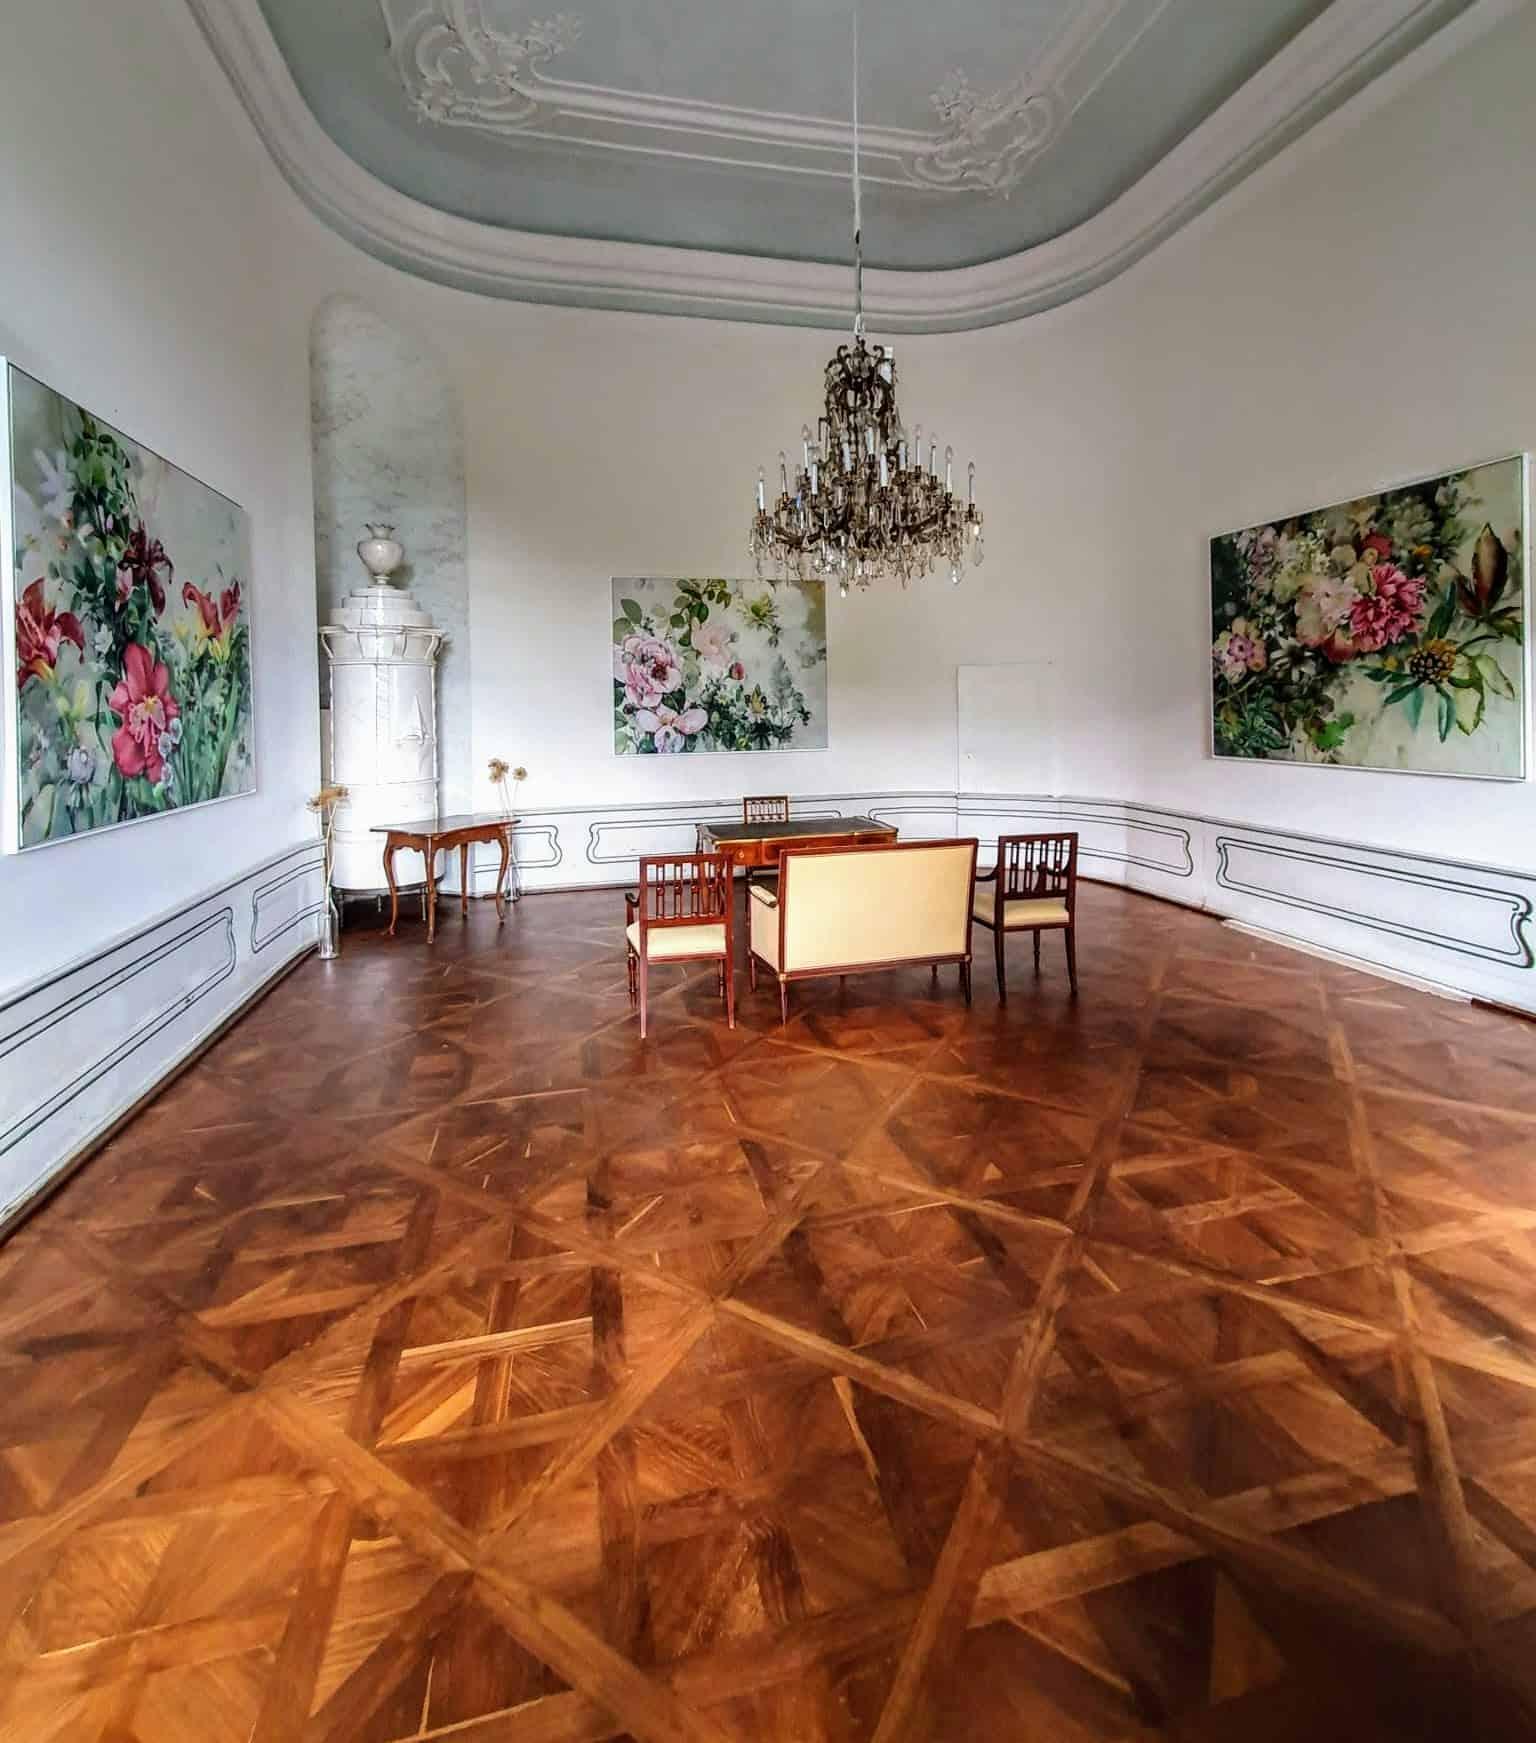 Trauungssaal im Schloss für Hochzeiten im Schloss Rosegg in Kärnten, Nähe Velden am Wörthersee - Österreich.